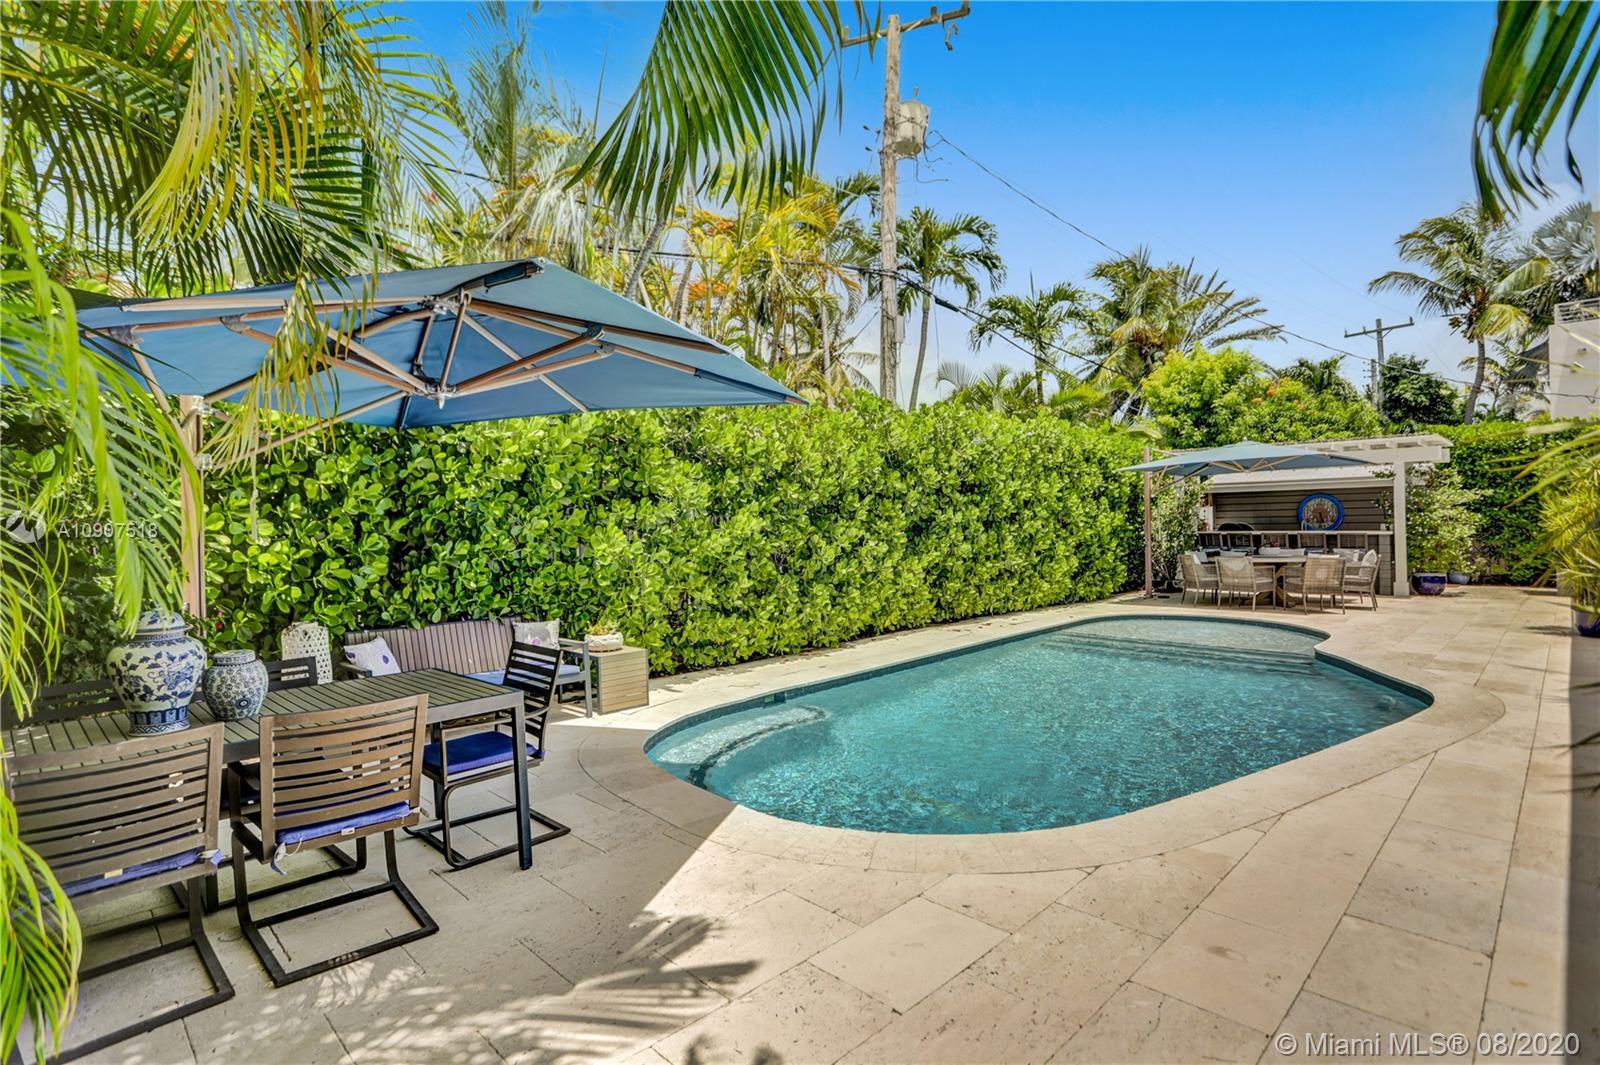 Tropical Isle Homes # photo13